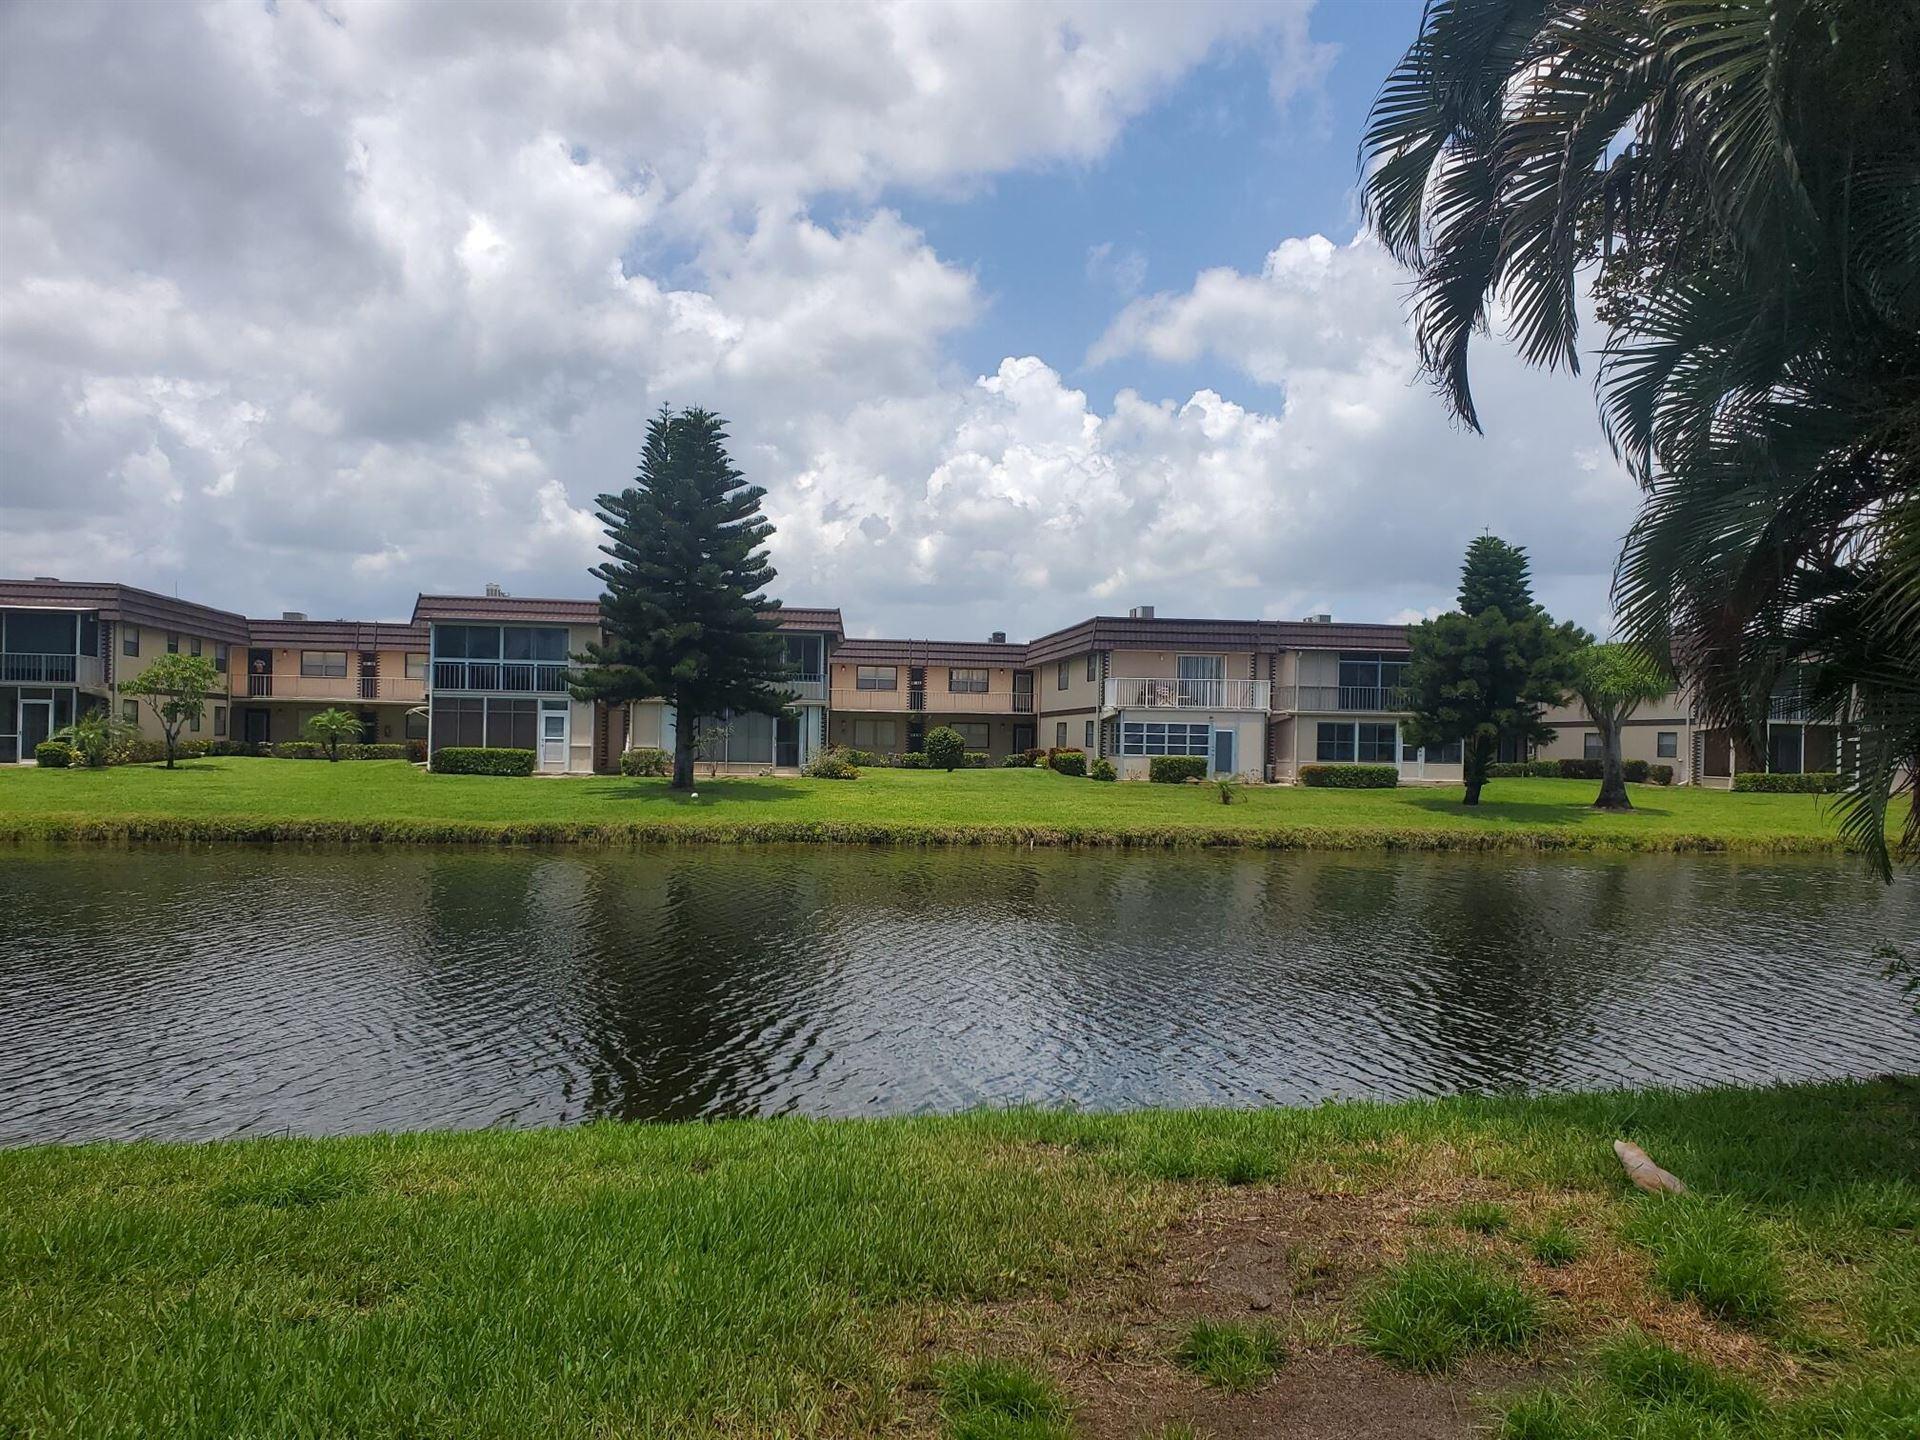 209 Valencia I, Delray Beach, FL 33446 - #: RX-10735346